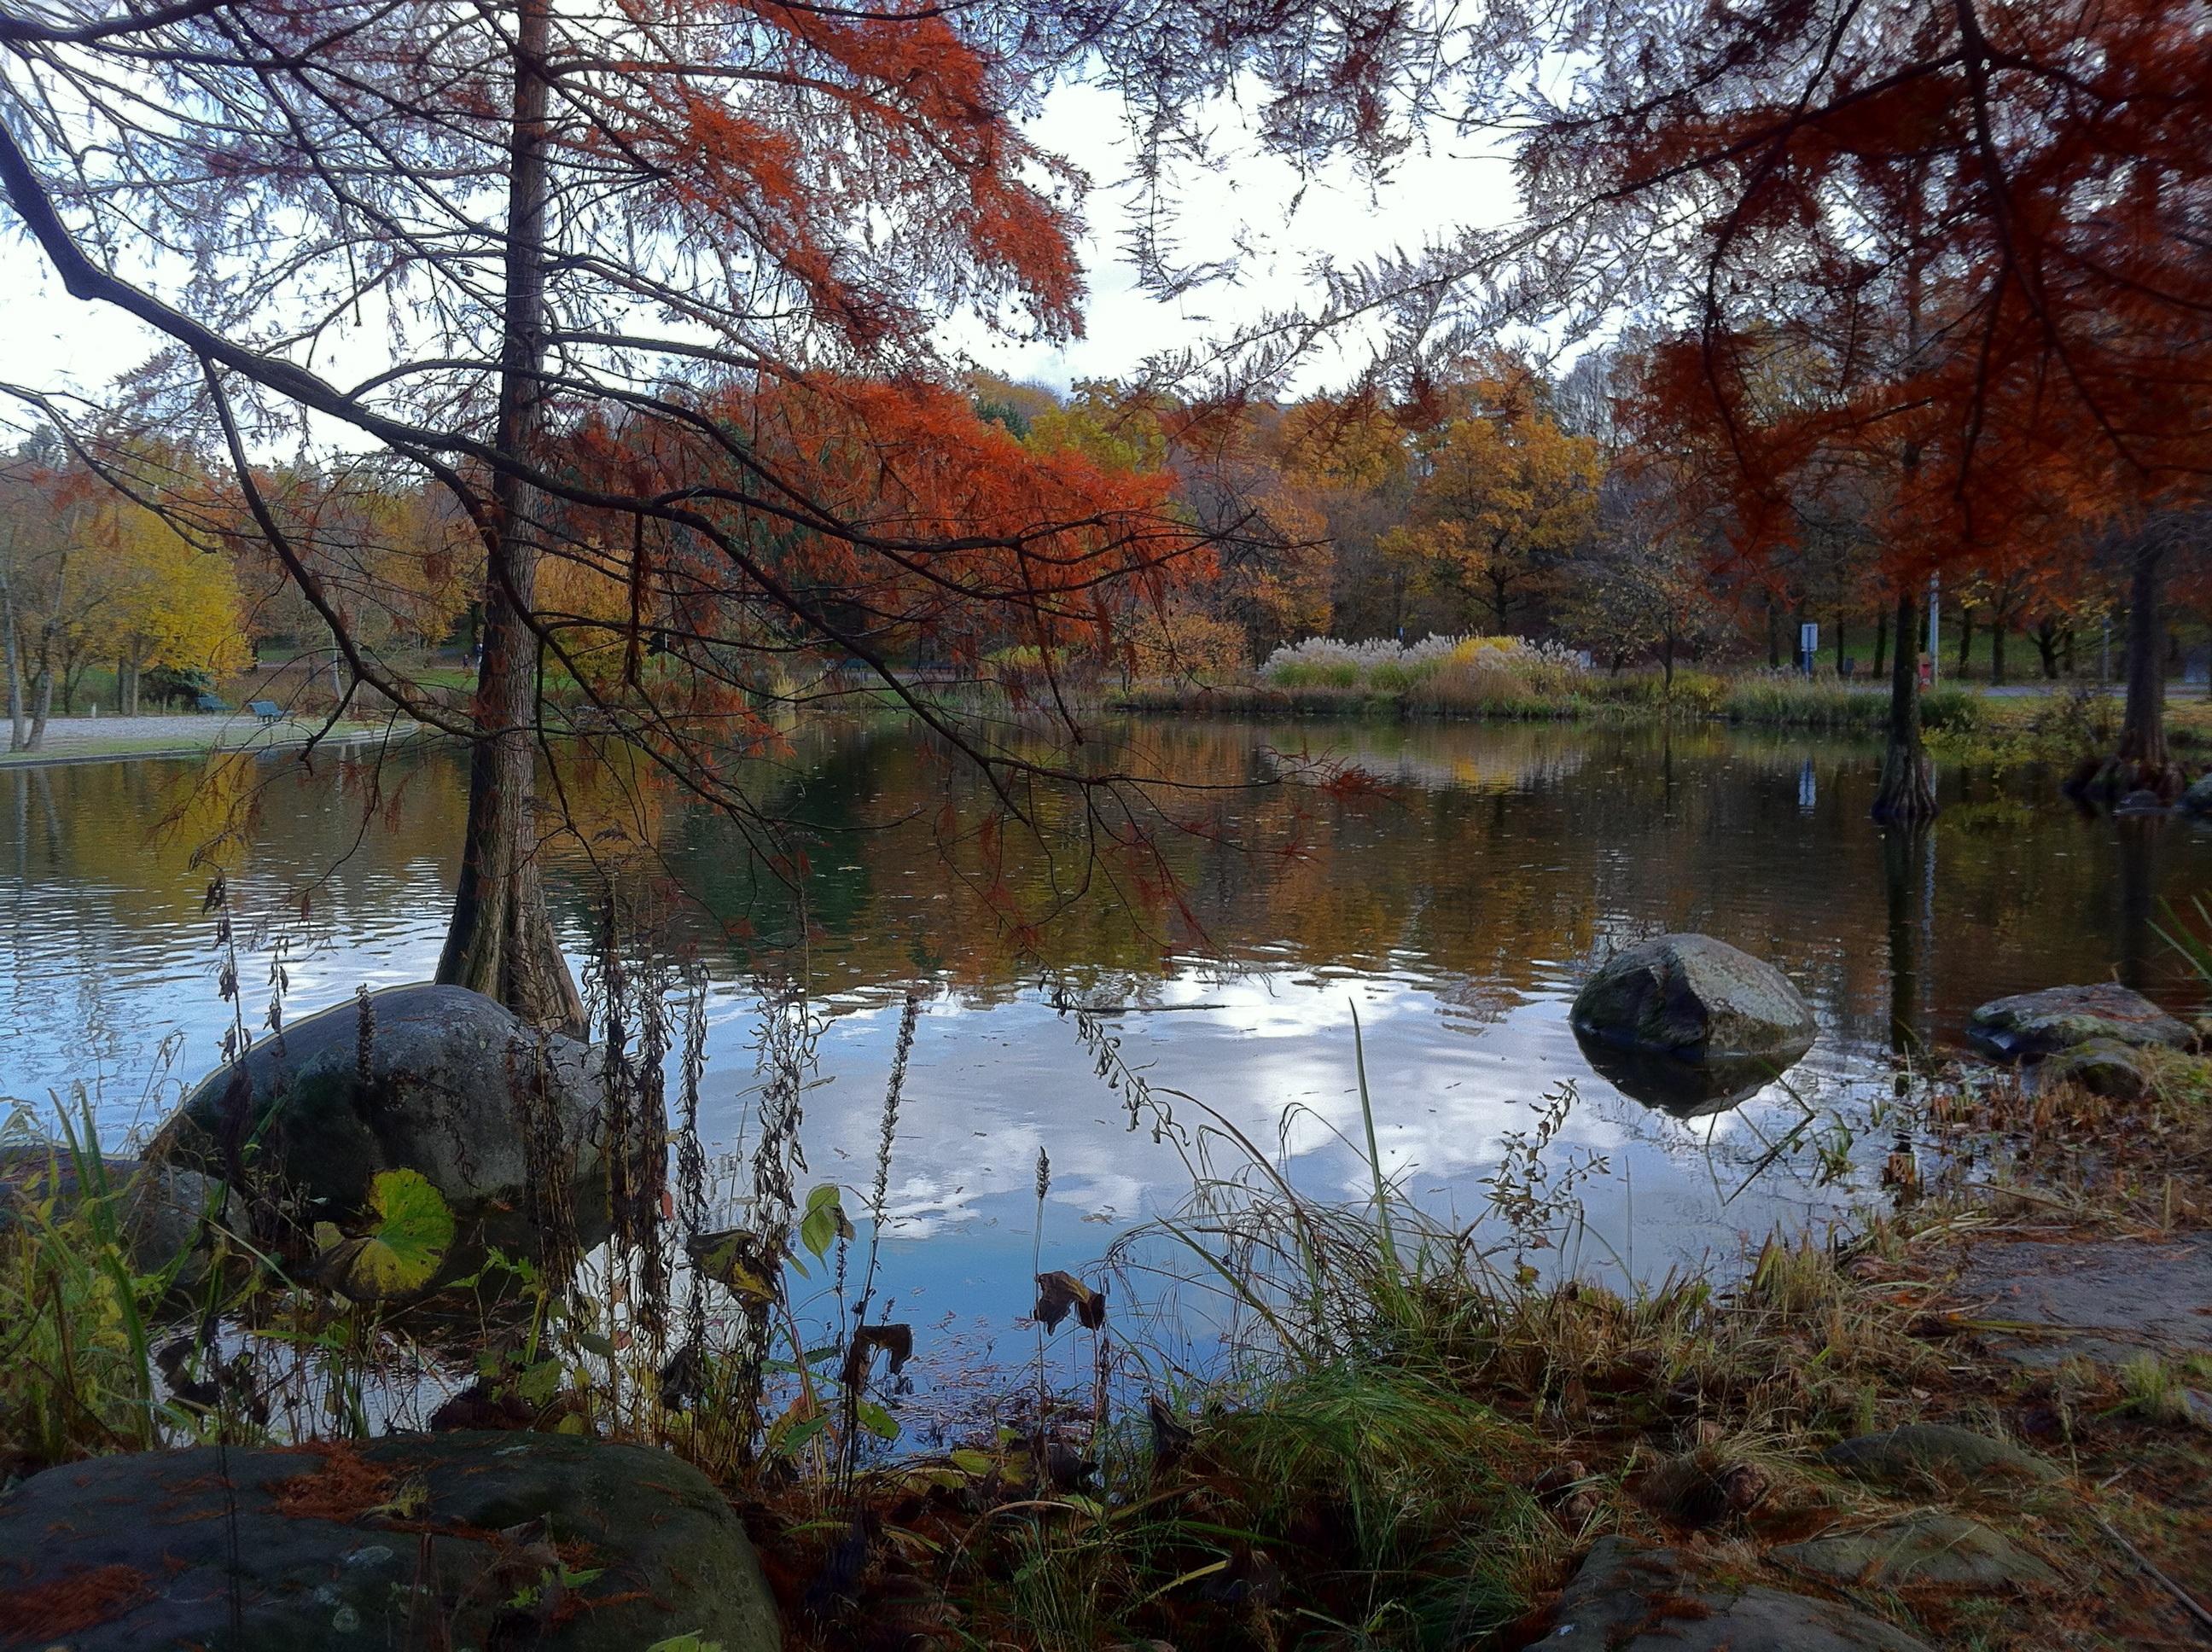 Kostenlose foto : Baum, Wasser, Natur, Wildnis, Pflanze, Blatt, See ...